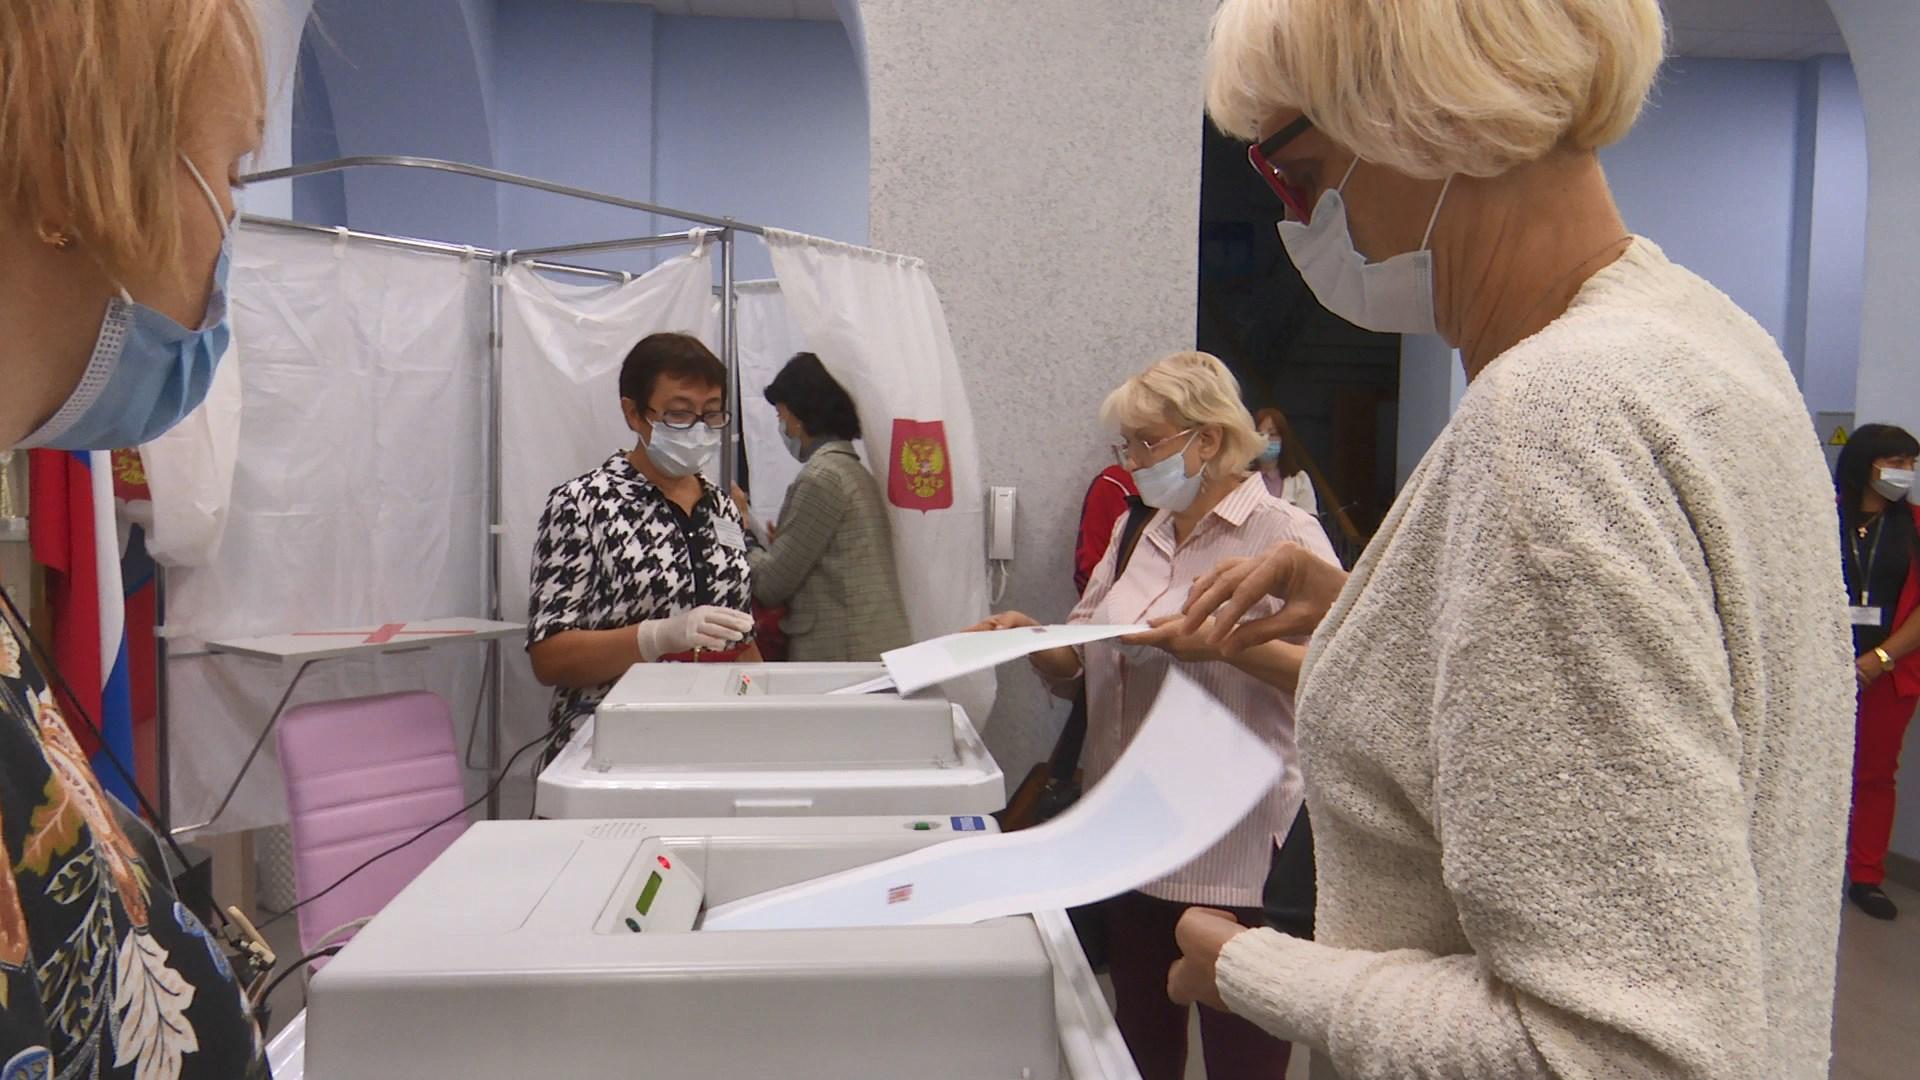 Сегодня снова открылись избирательные участки: воскресенье — основной день голосования на выборах 8-го созыва Госдумы России